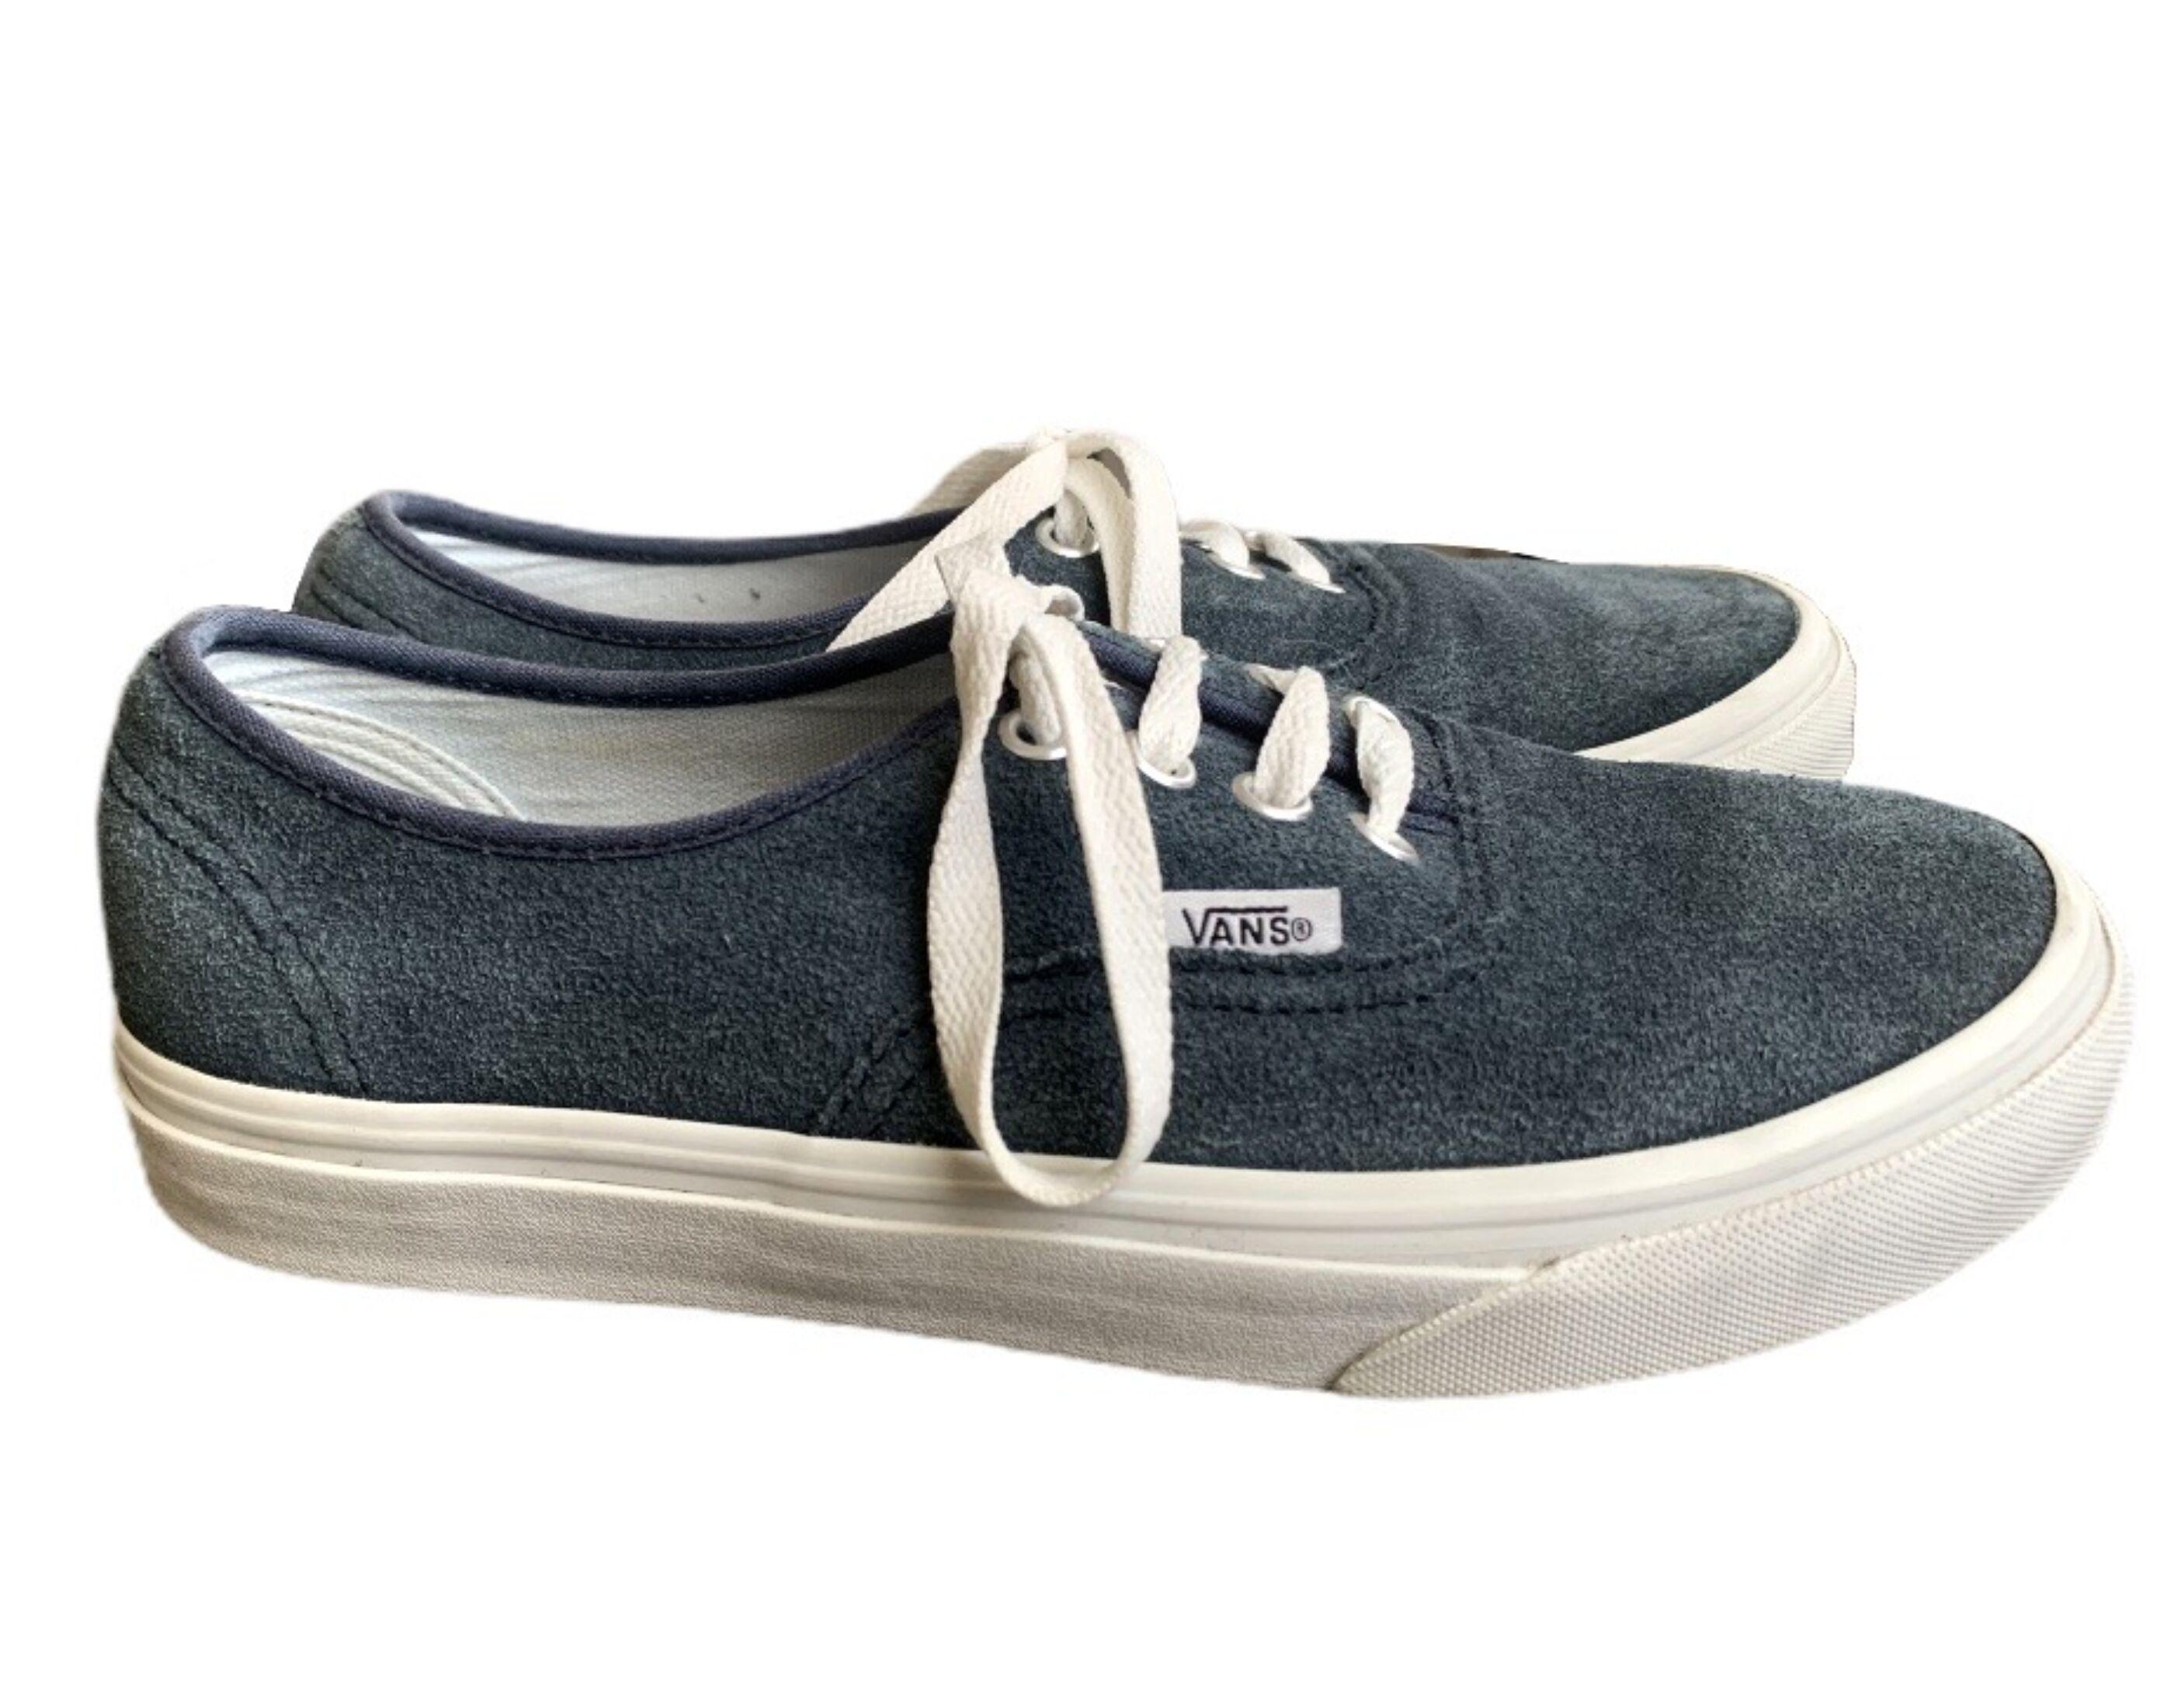 Vans cipő (36)